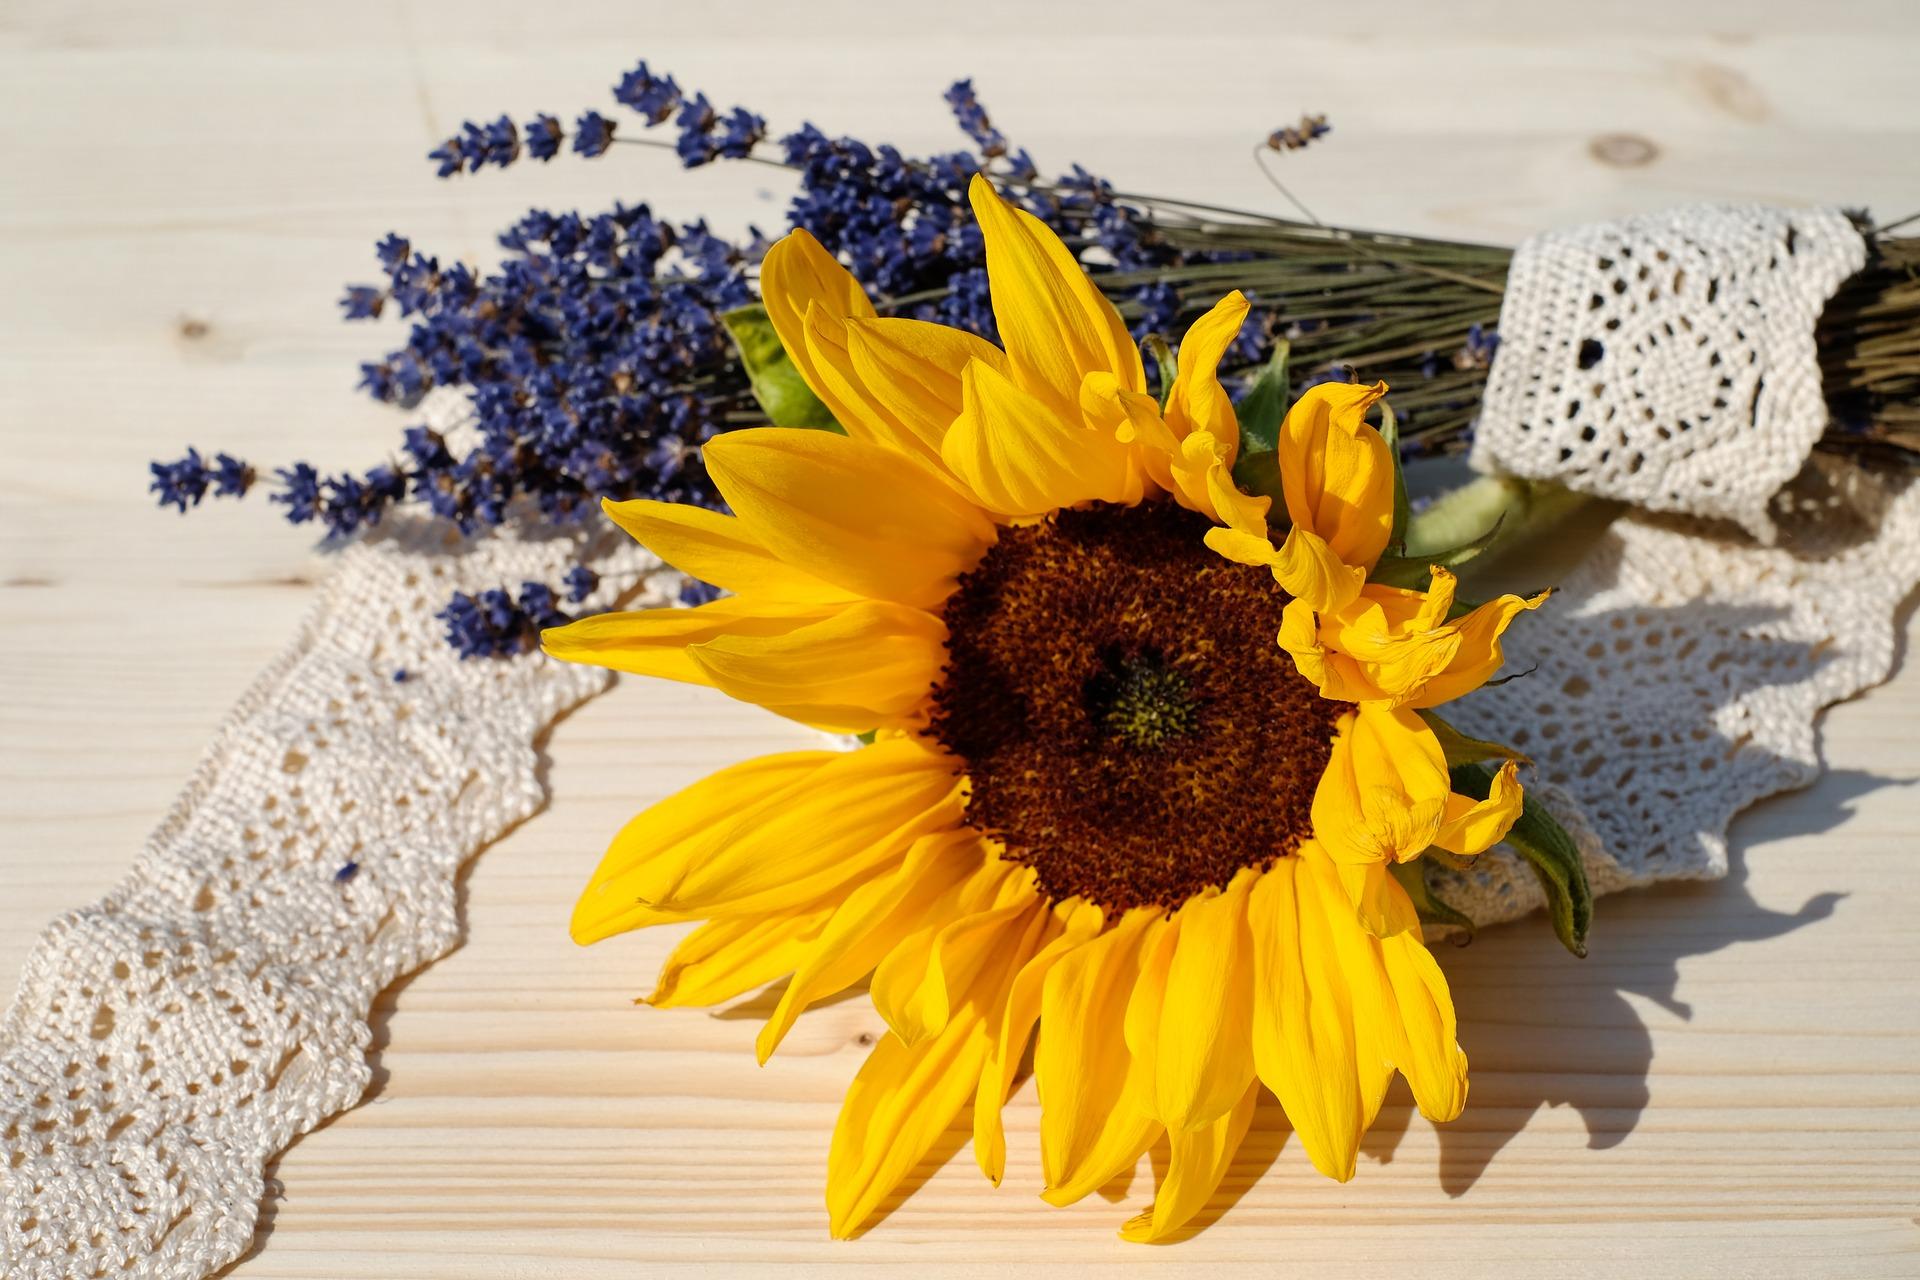 7月の誕生花~花言葉もプレゼントに最適なひまわり~